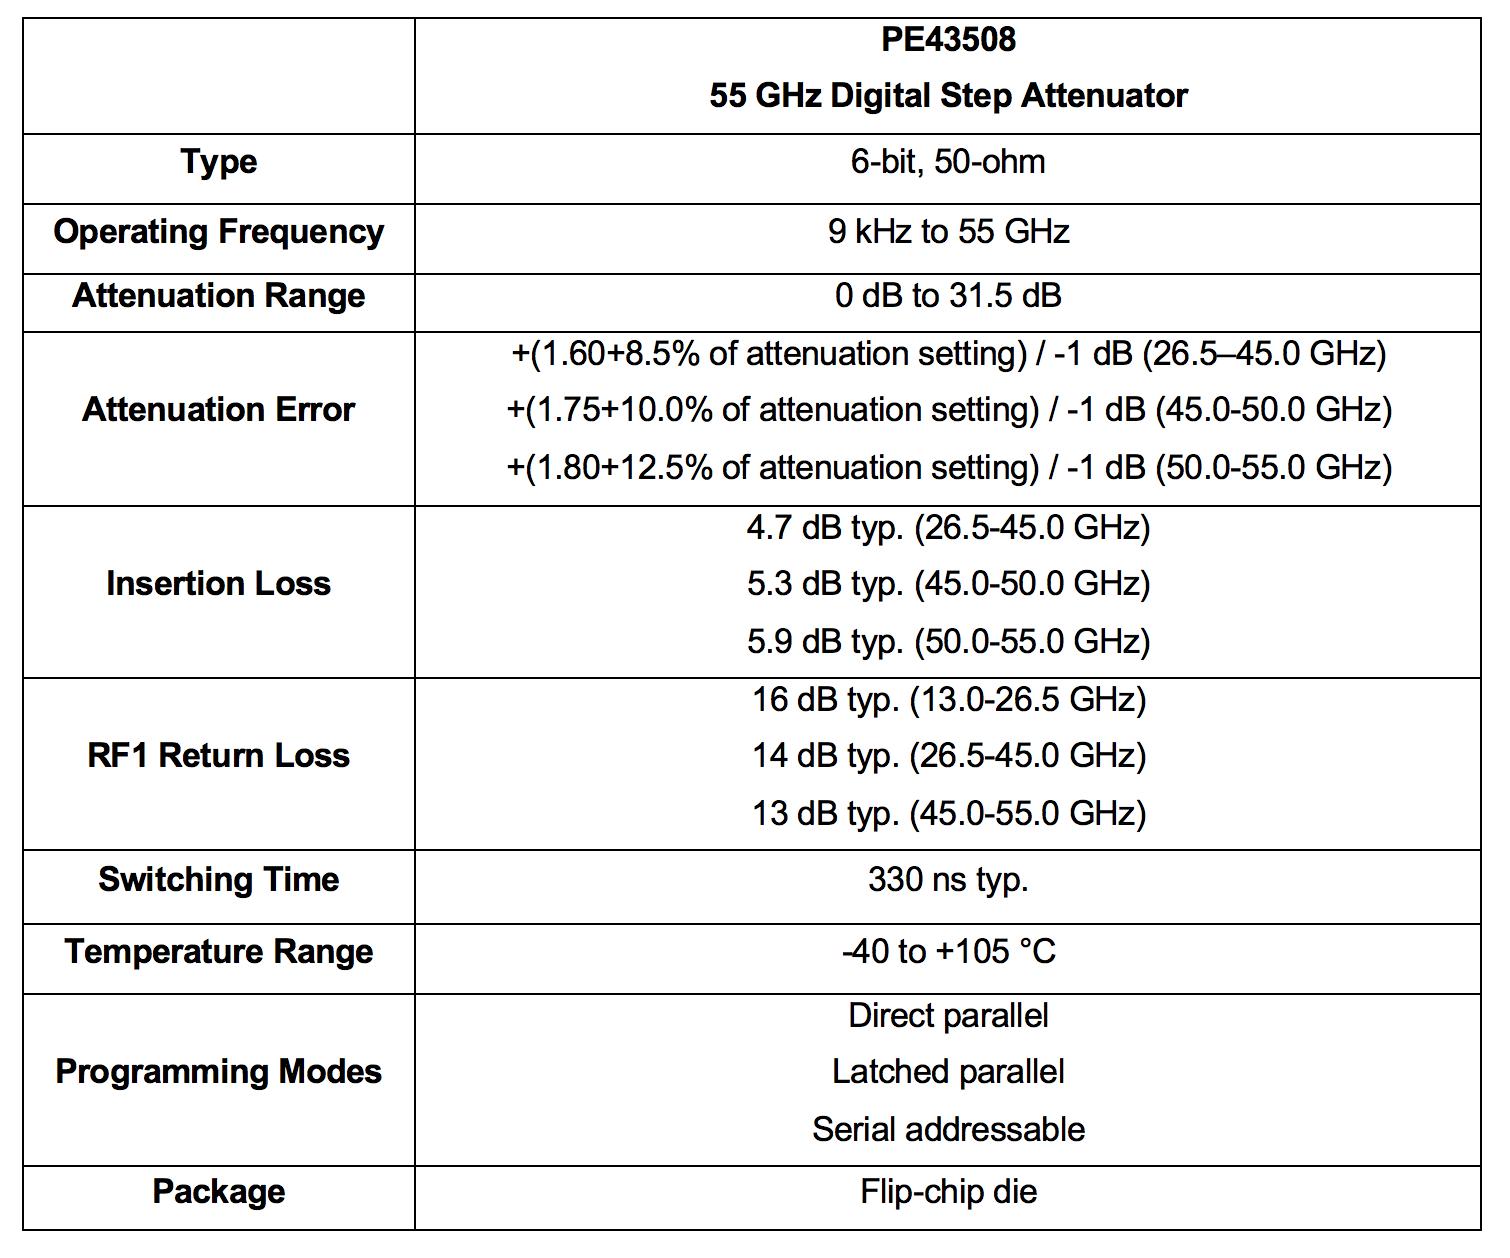 PE43508-Table